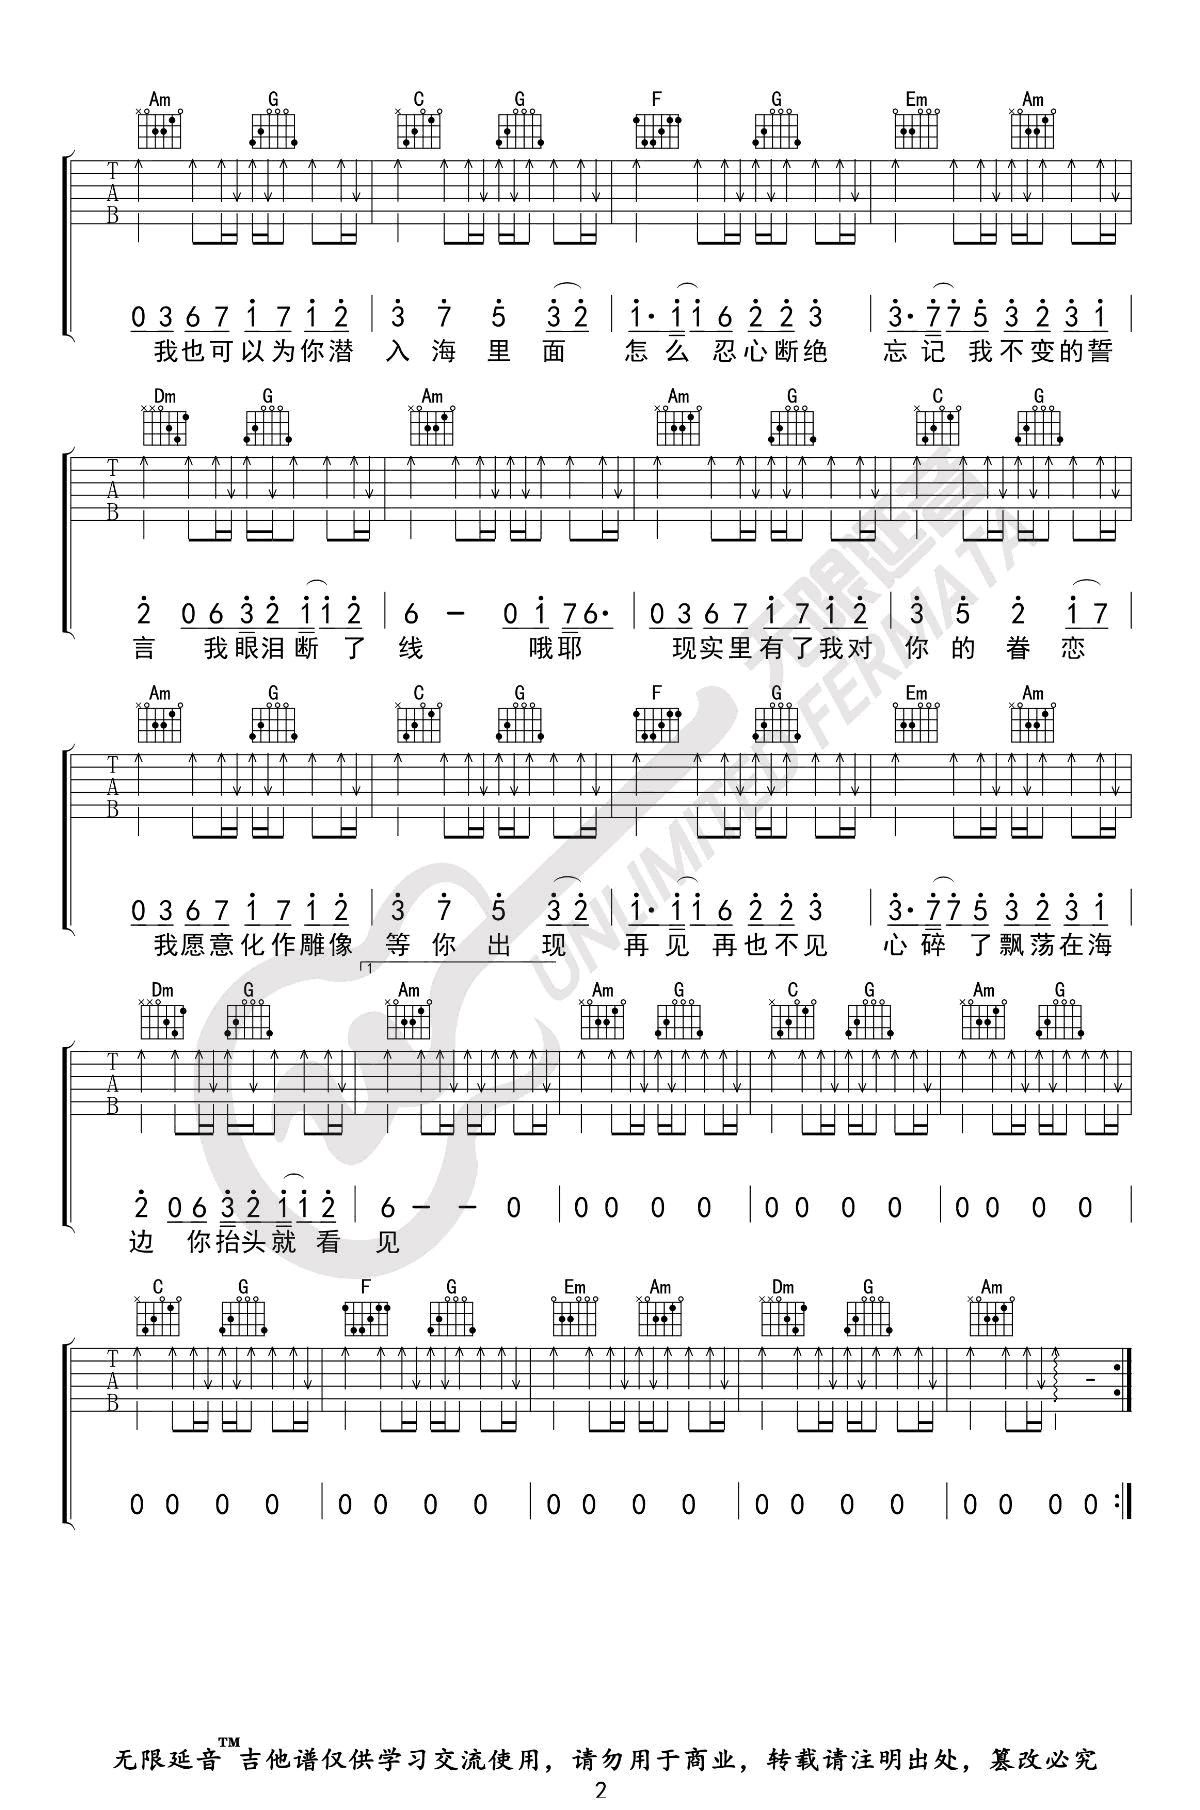 林俊杰-美人鱼吉他谱-2